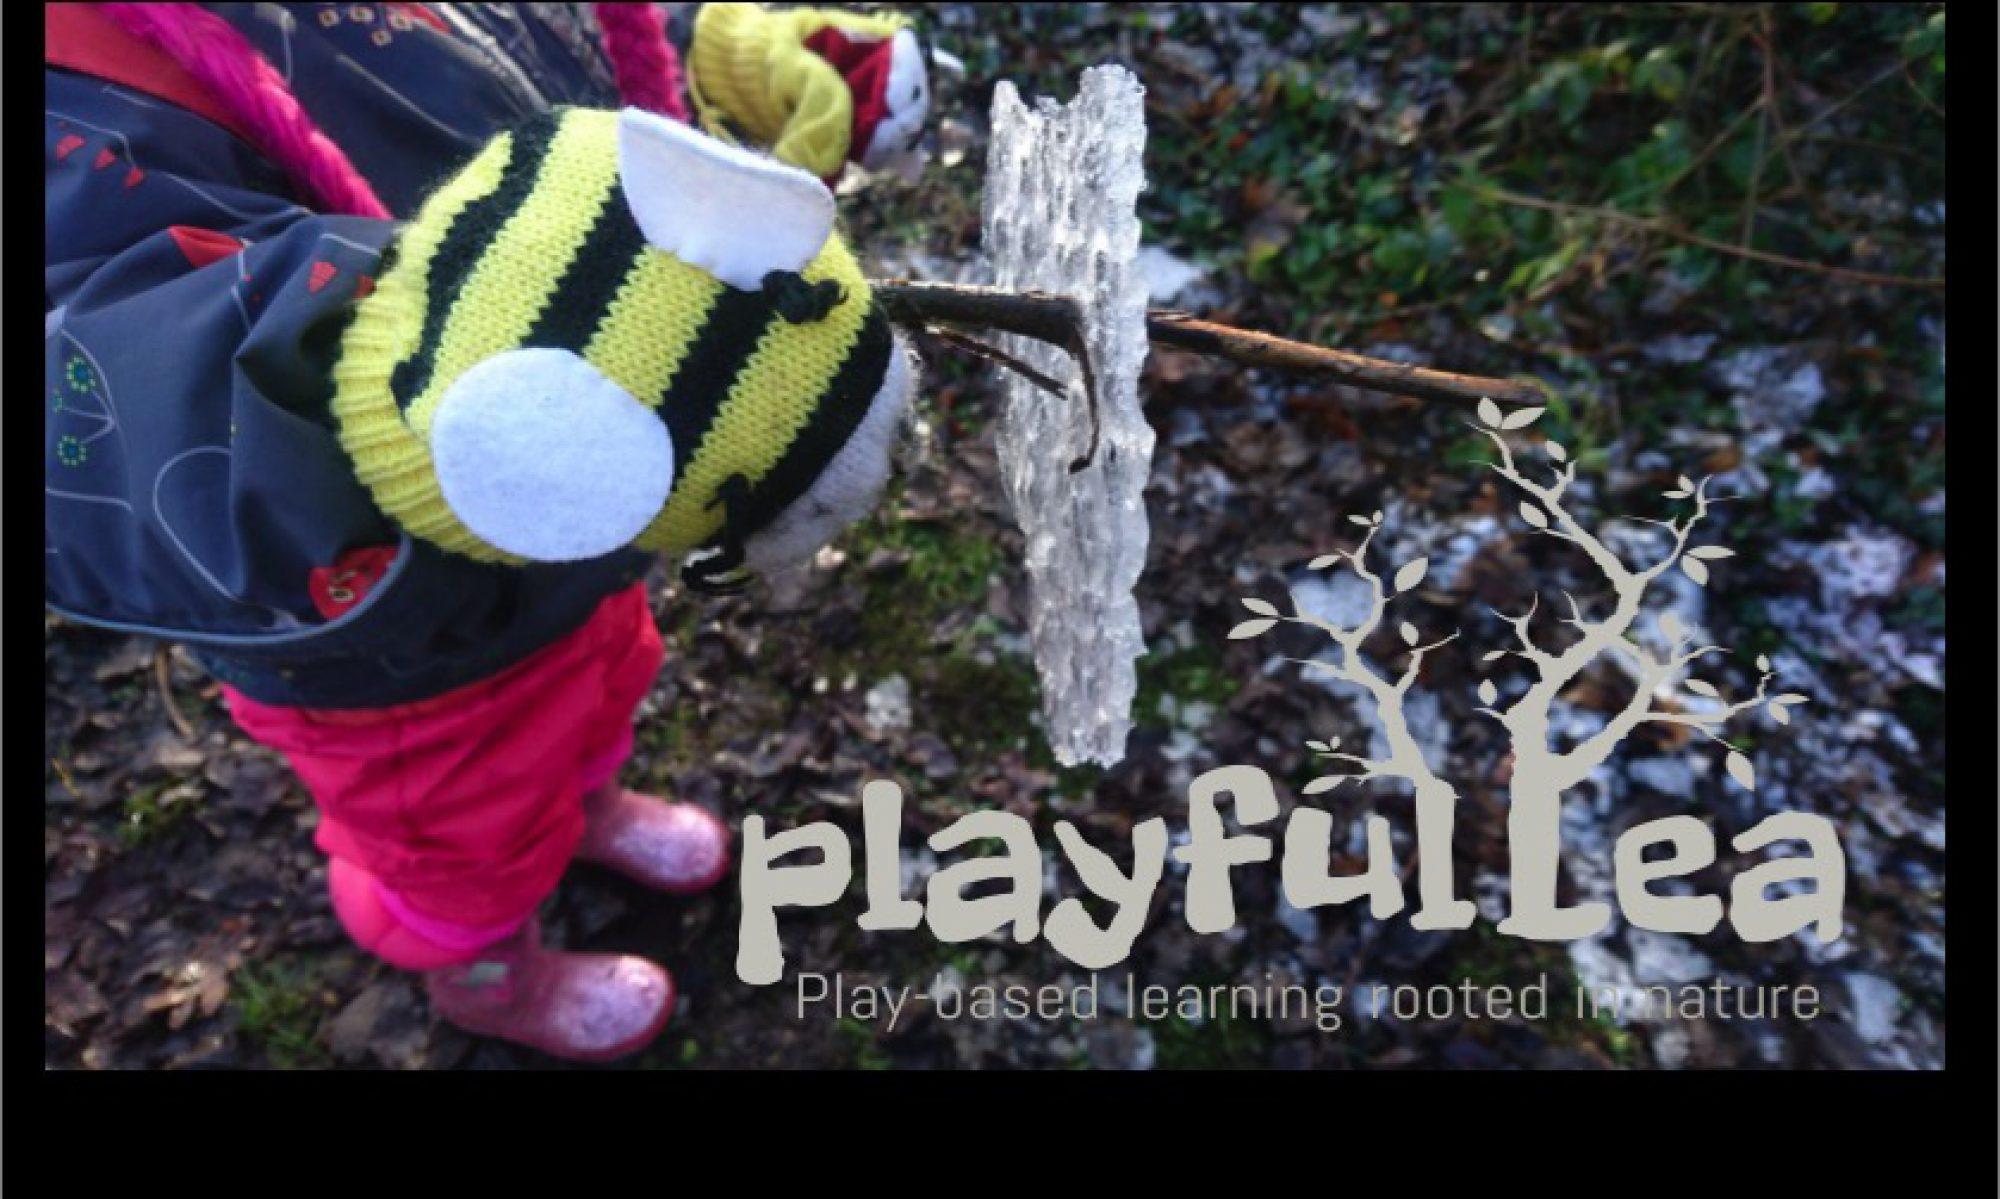 PlayfulLea